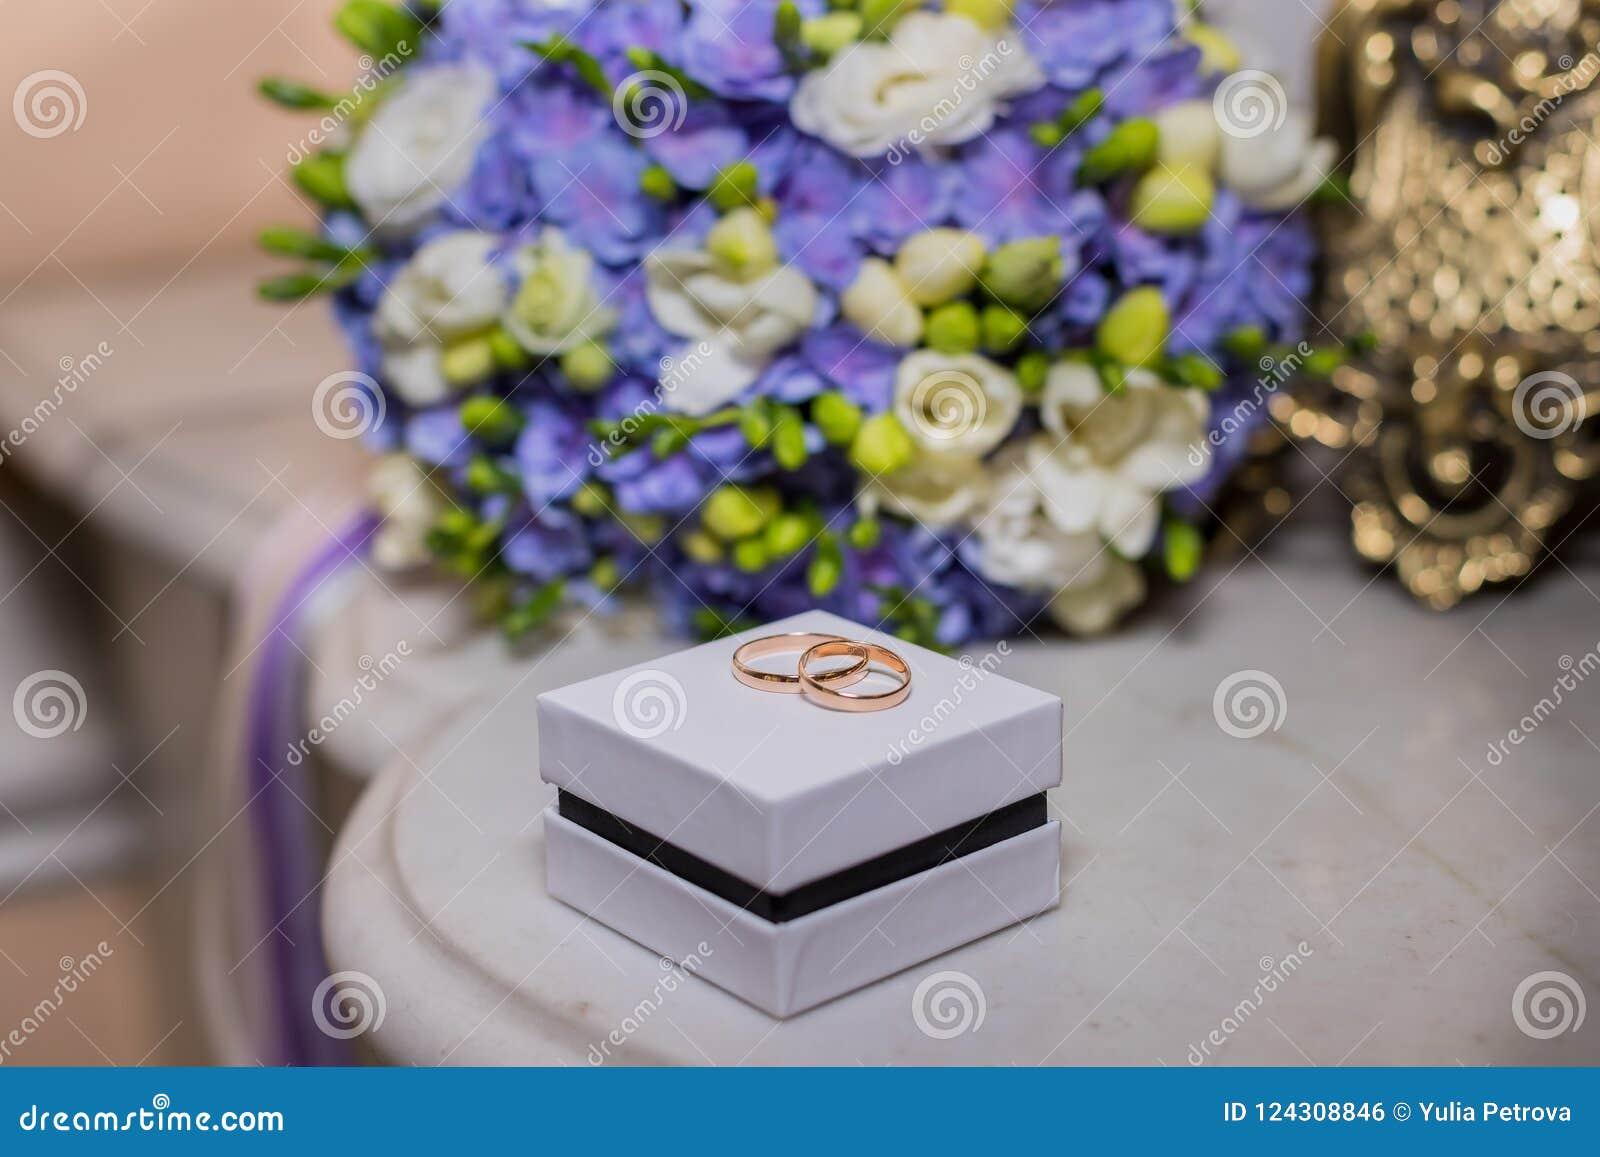 Vigselringar ligger på den vita asken på en härlig bukettbakgrund, som brud- tillbehör högtidlig händelse, festlig händelse